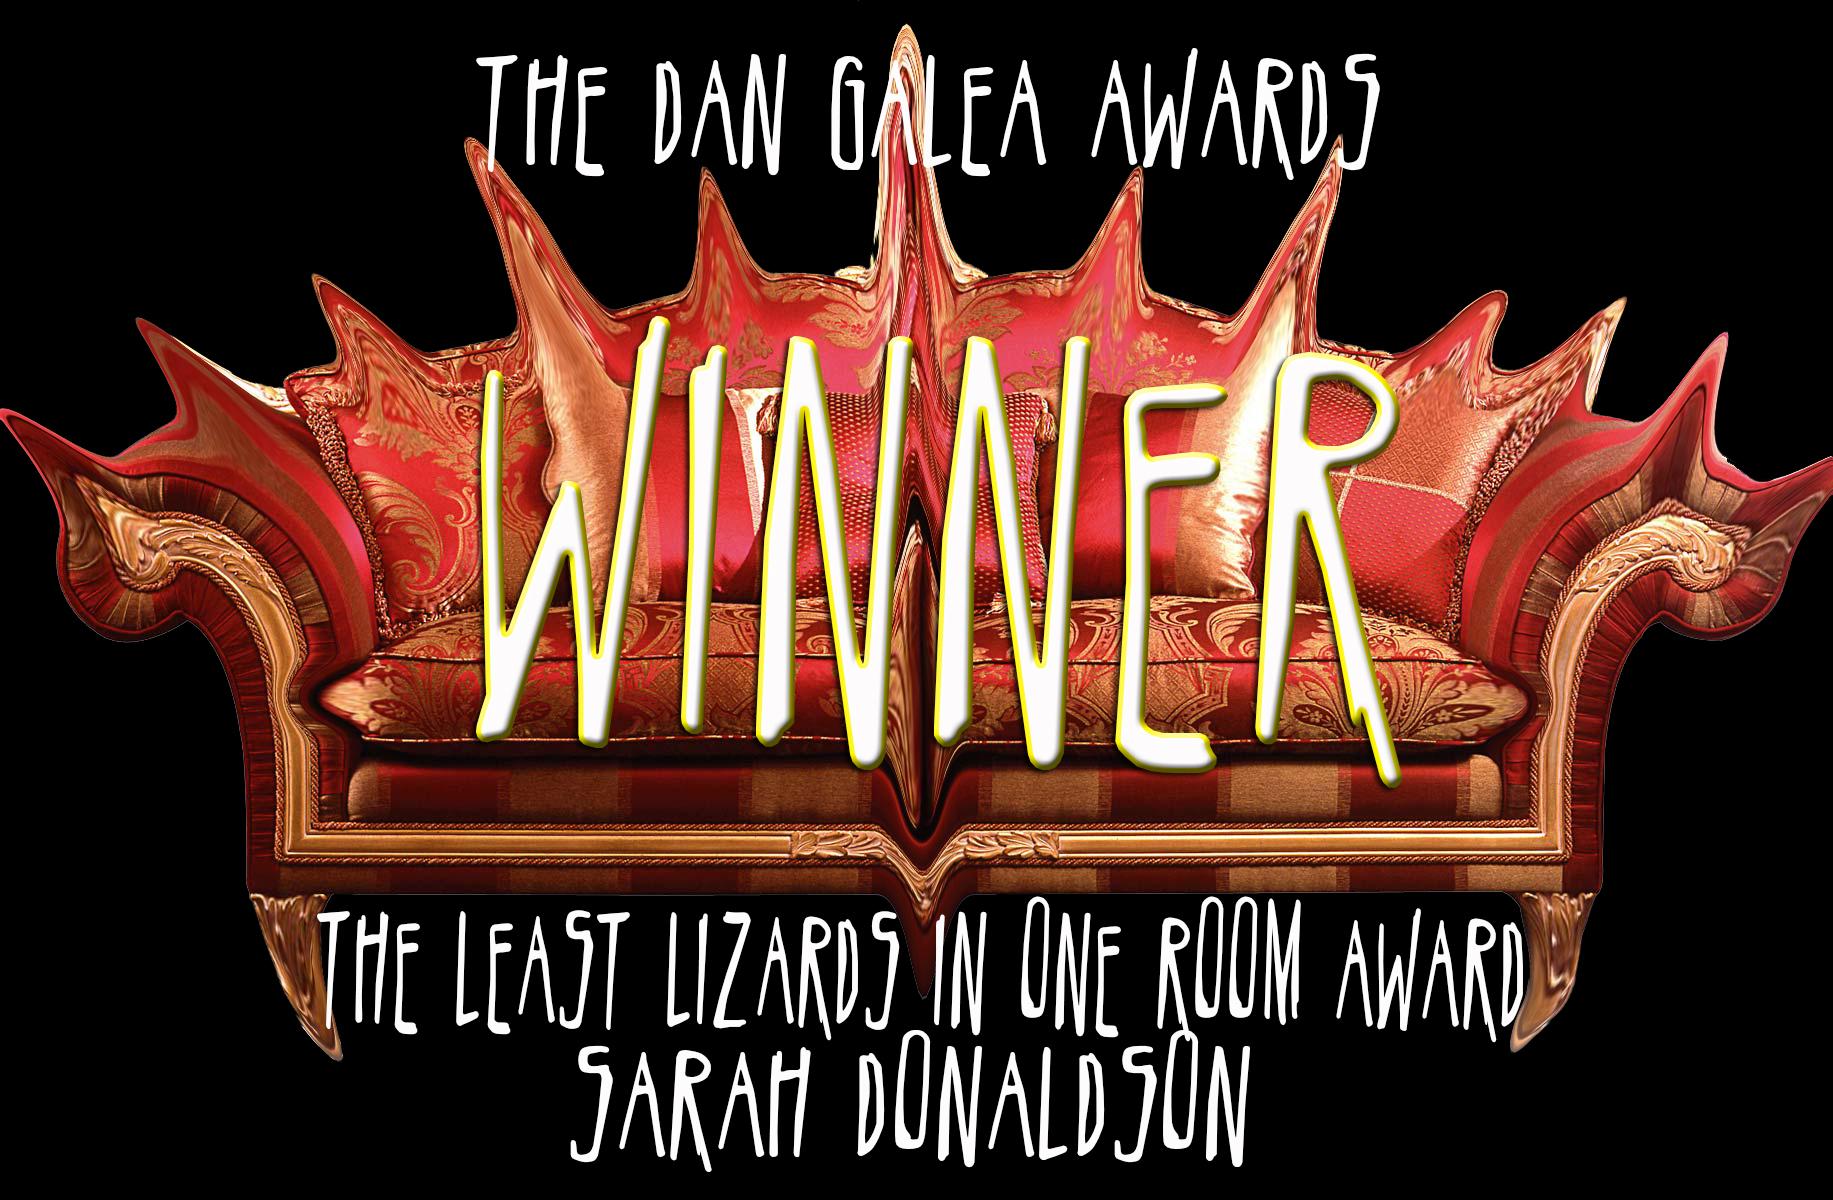 DGawards Sarah donaldson.jpg